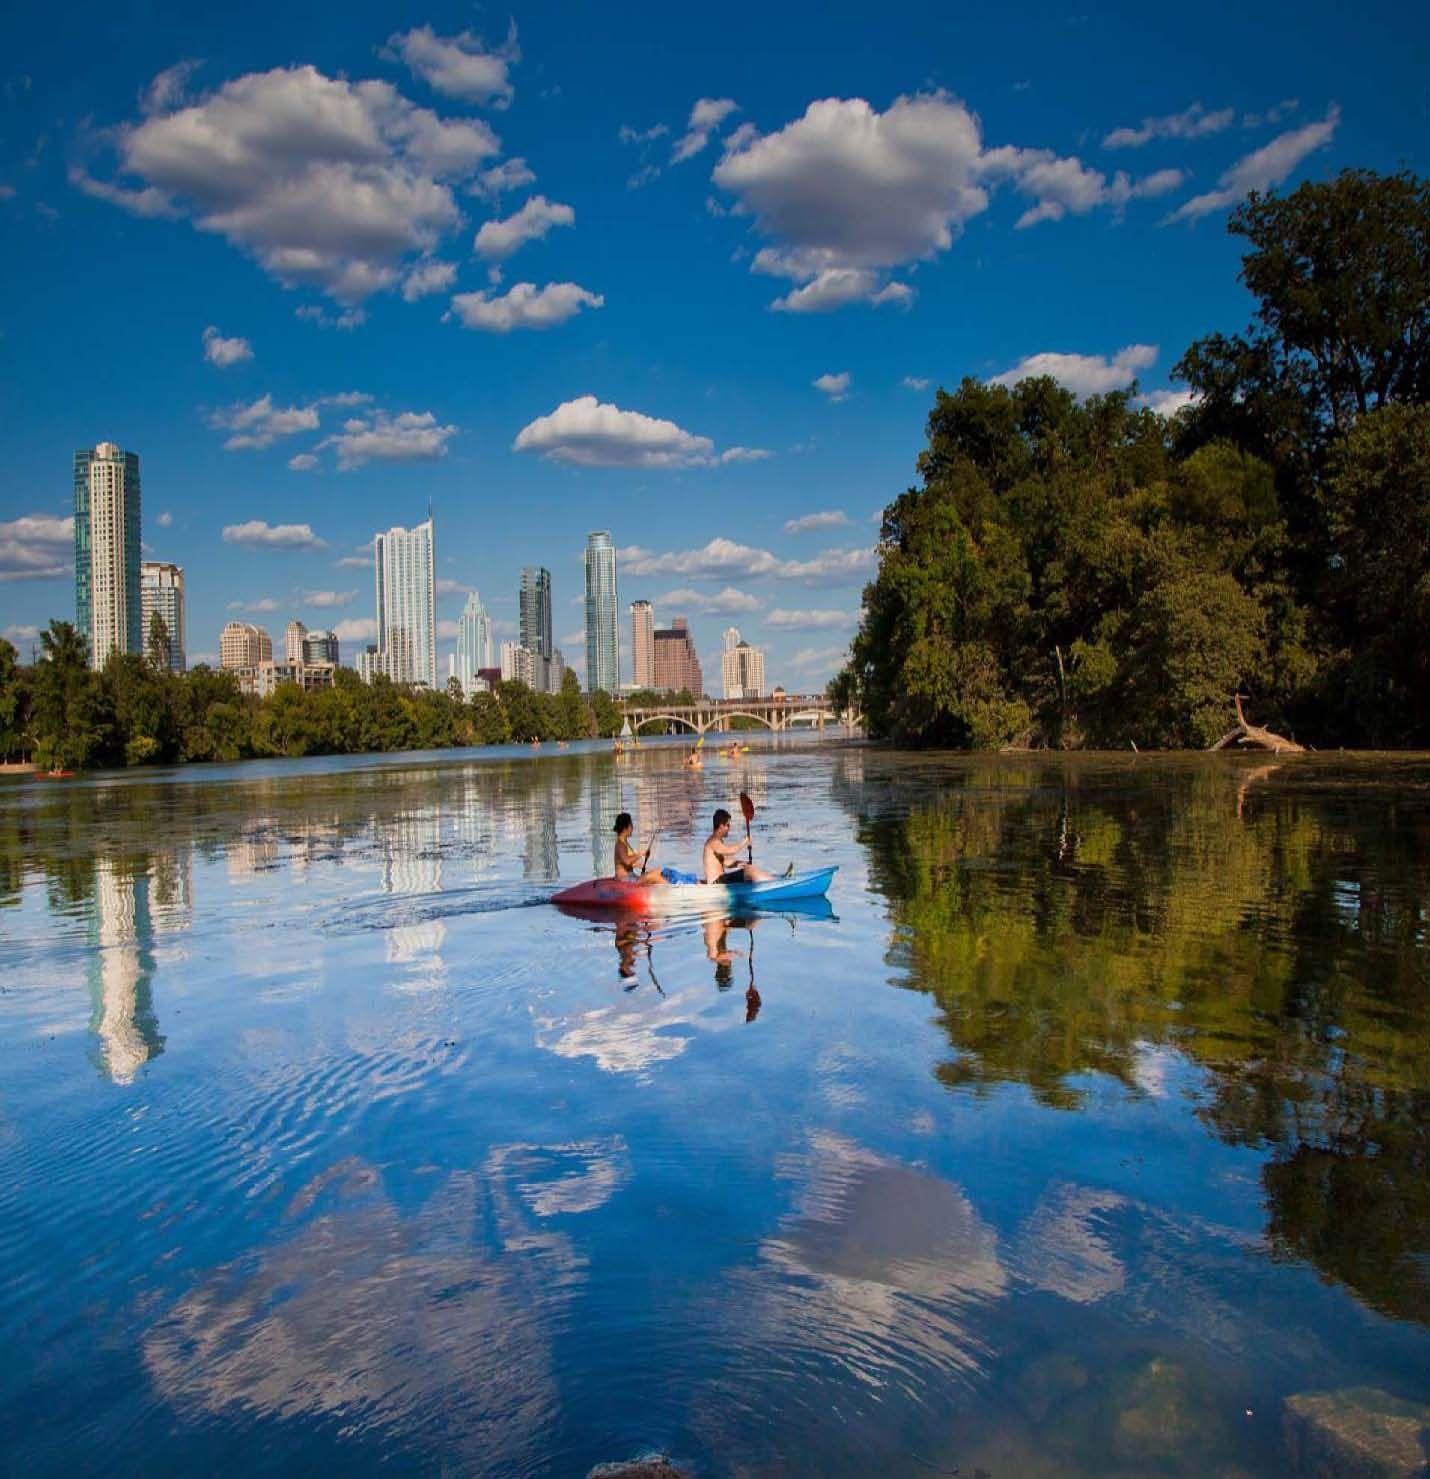 Kayaking on lady bird lake hometown tourist weekend in